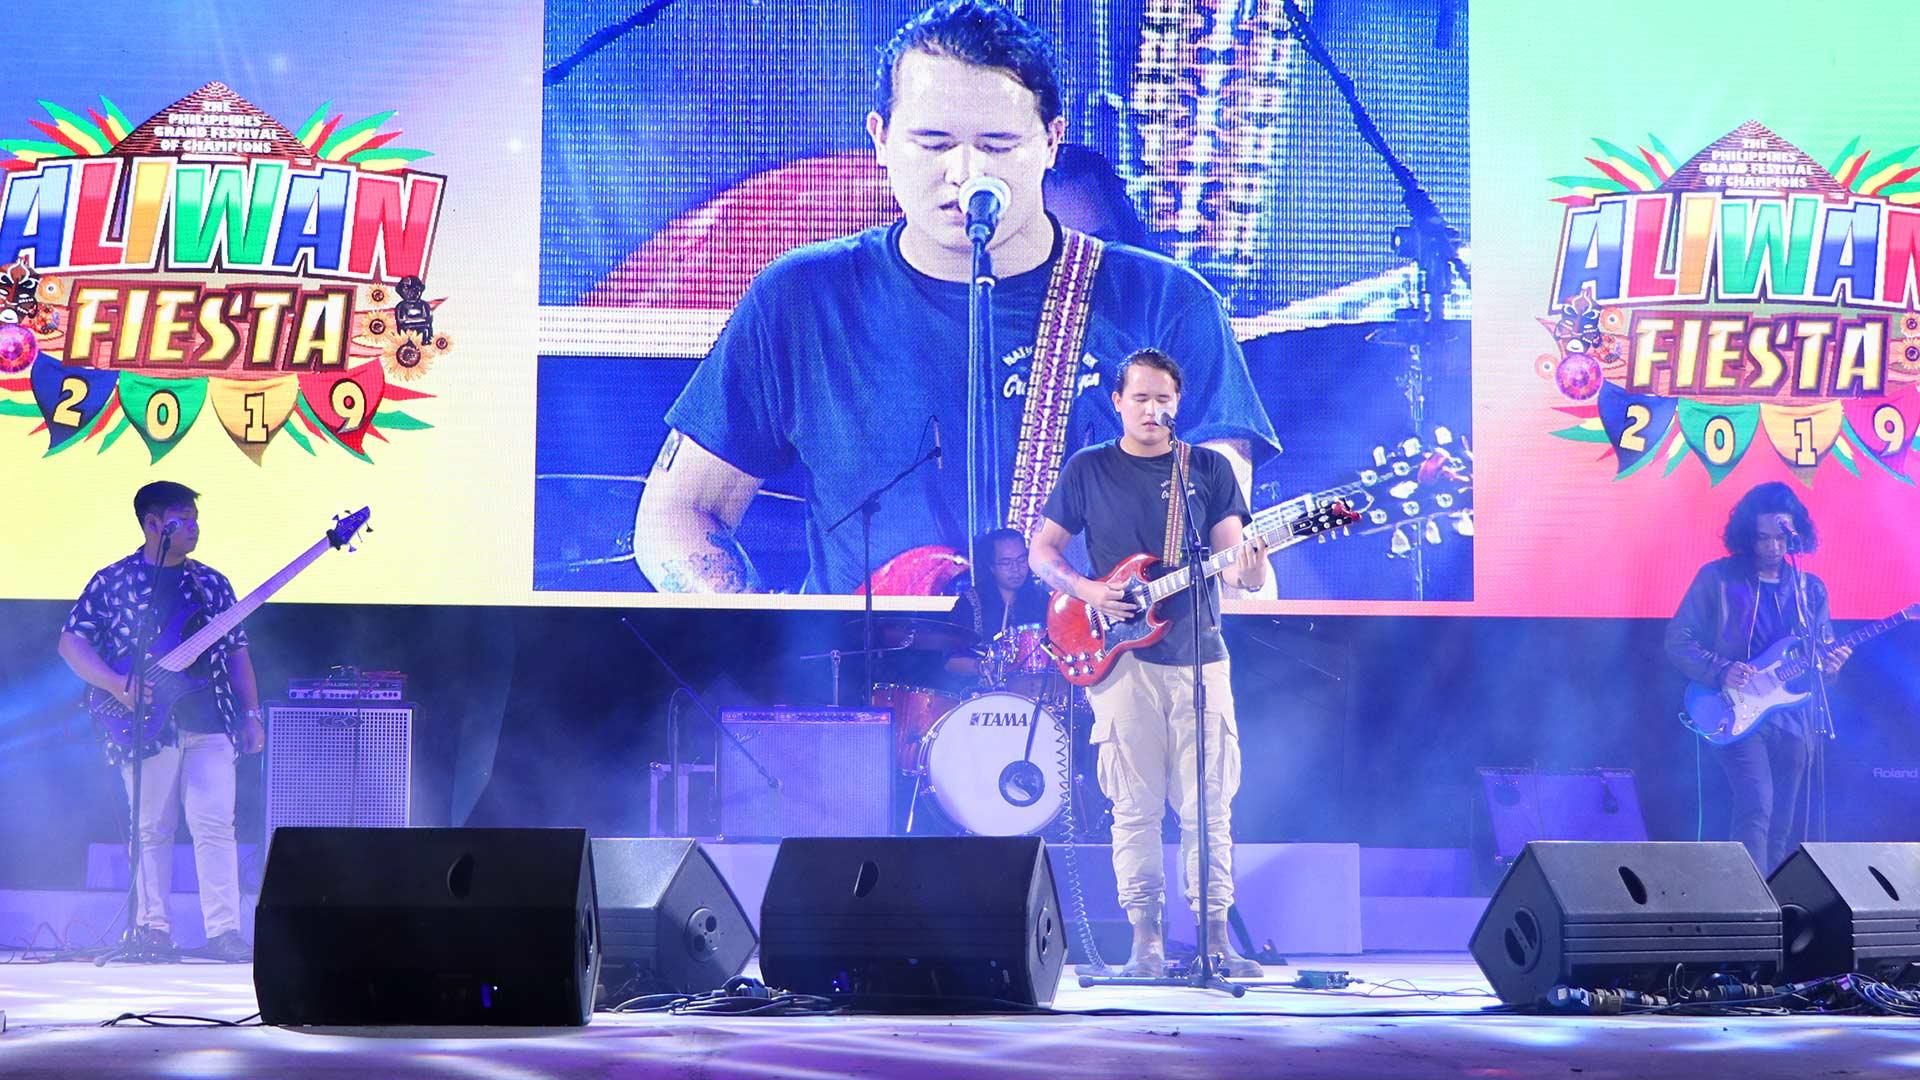 Ben and Ben, This Band, juan karlos rock Pasakalye of Aliwan